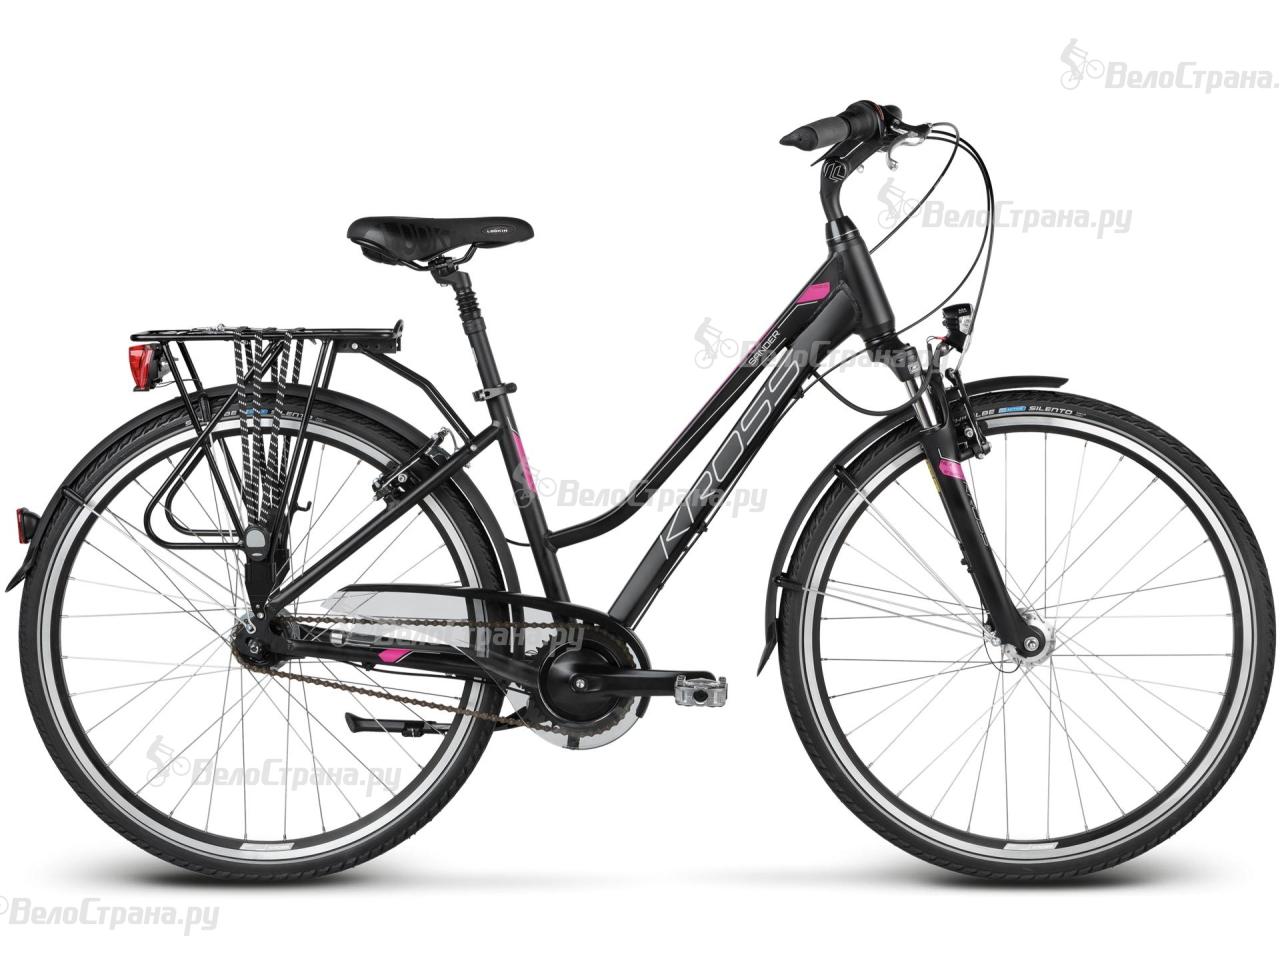 Велосипед Kross Trans Sander Lady (2017) велосипед kross trans sander 2015